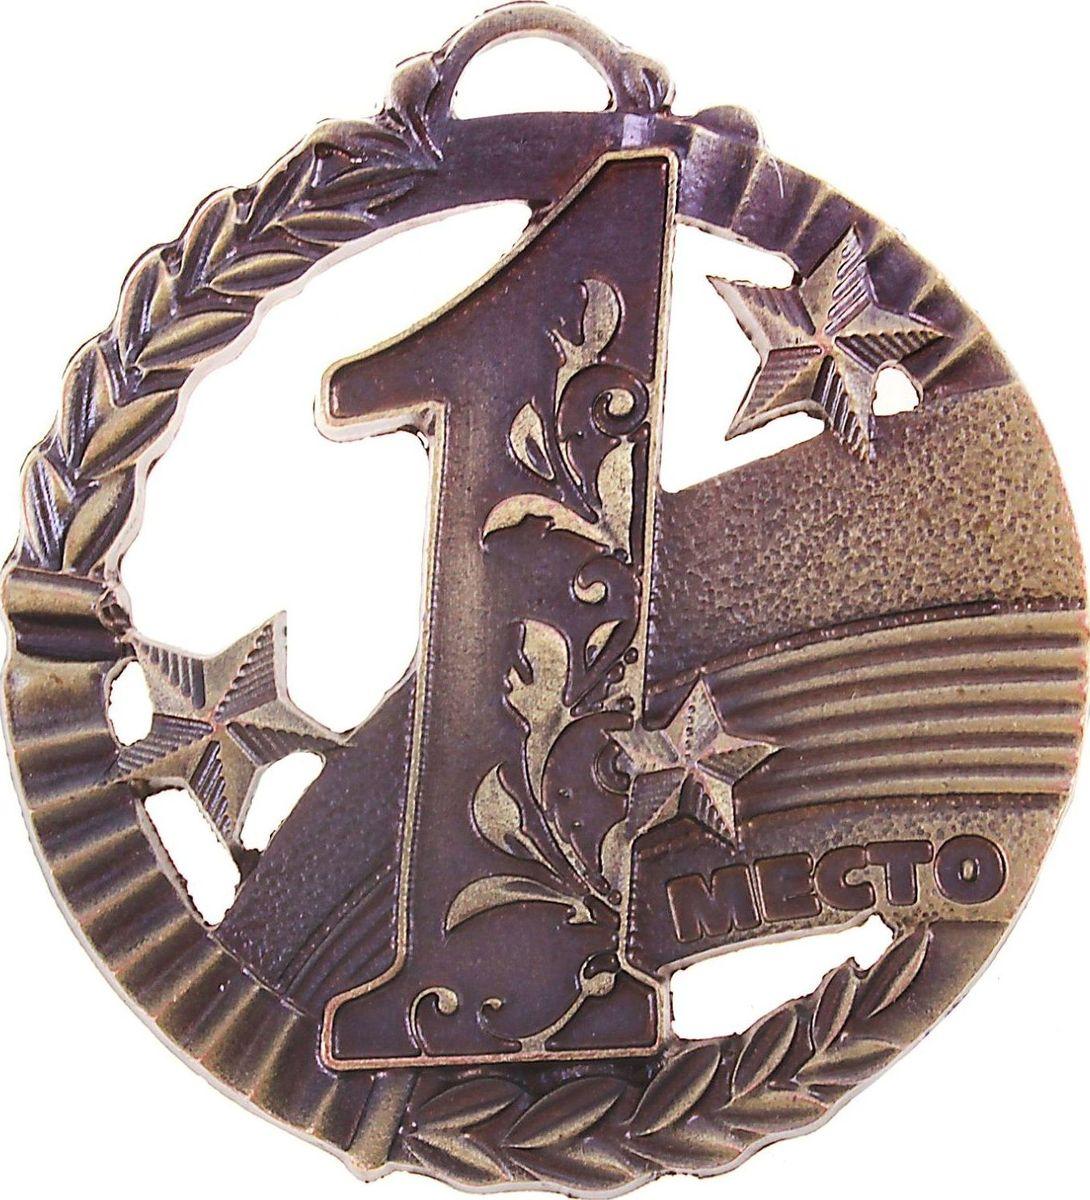 Медаль сувенирная 1 место, цвет: золотистый, диаметр 5 см. 007653443Эта универсальная медаль с классическим дизайном подойдёт для любых соревнований. вы сможете дополнить её персональной гравировкой или корпоративной символикой.Если необходимо подчеркнуть важность домашнего или корпоративного спортивного мероприятия, то оригинальным и запоминающимся итогом соревнований будет вручение медалей участникам и победителям. Диаметр медали: 5 см. Сверху расположено отверстие для крепления ленты.